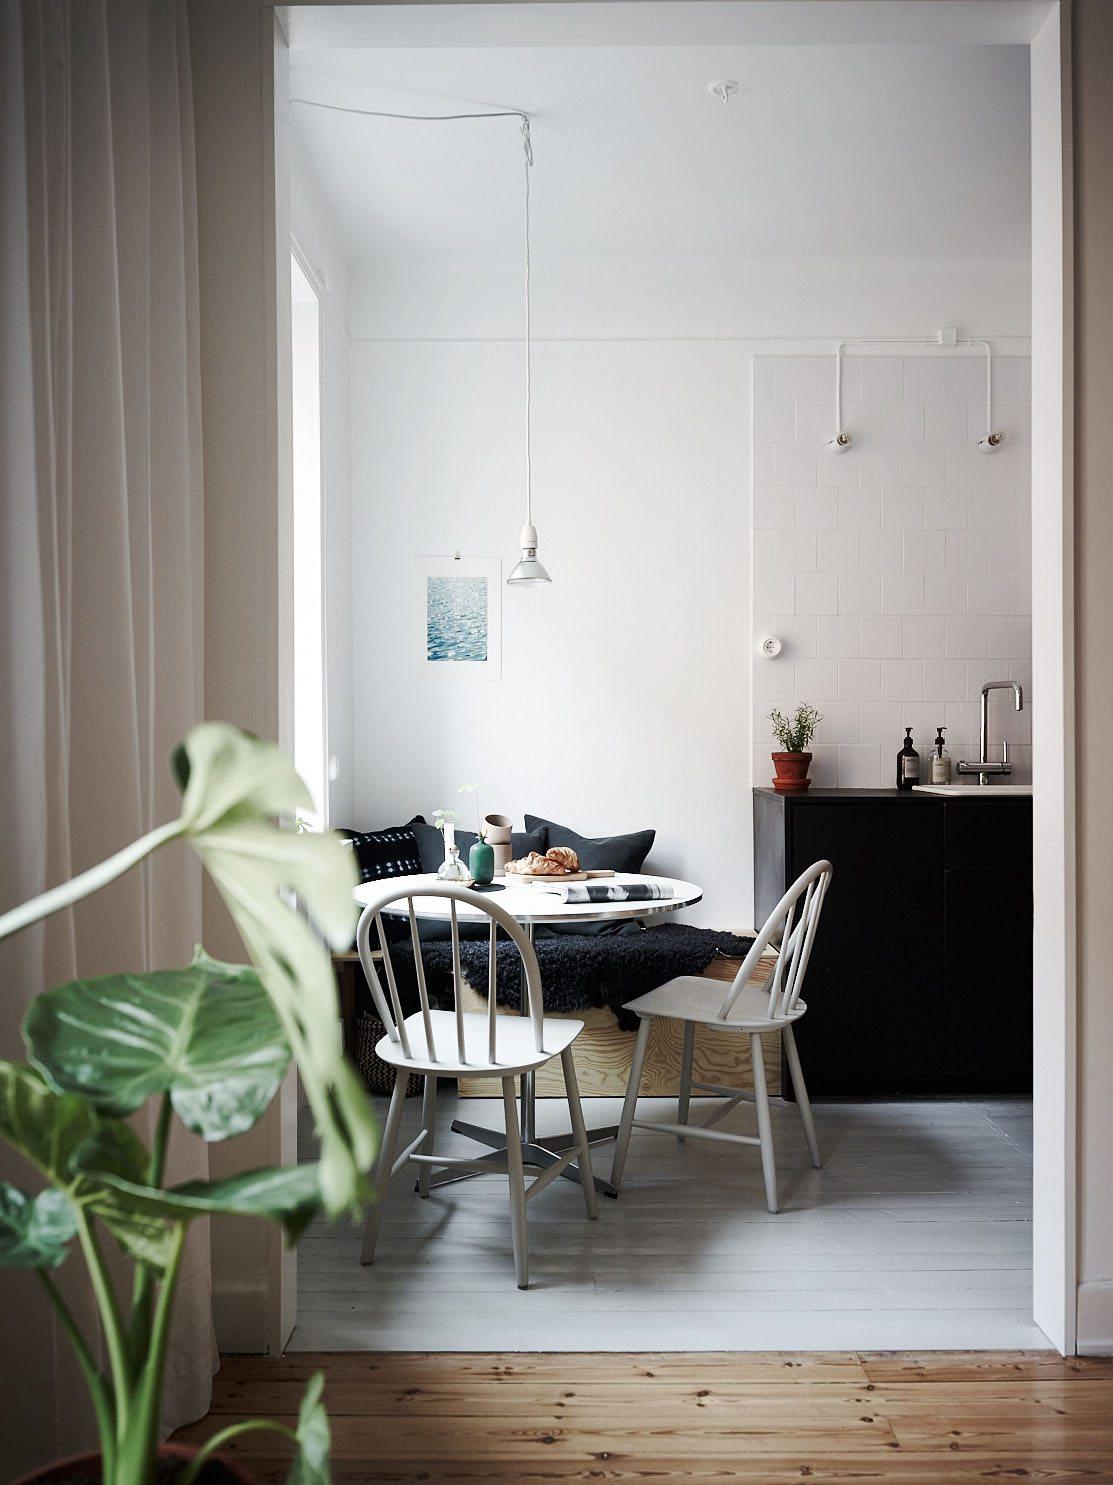 Een Gezellige Keuken : Stoere keuken met een kleine gezellige eethoek Inrichting-huis.com